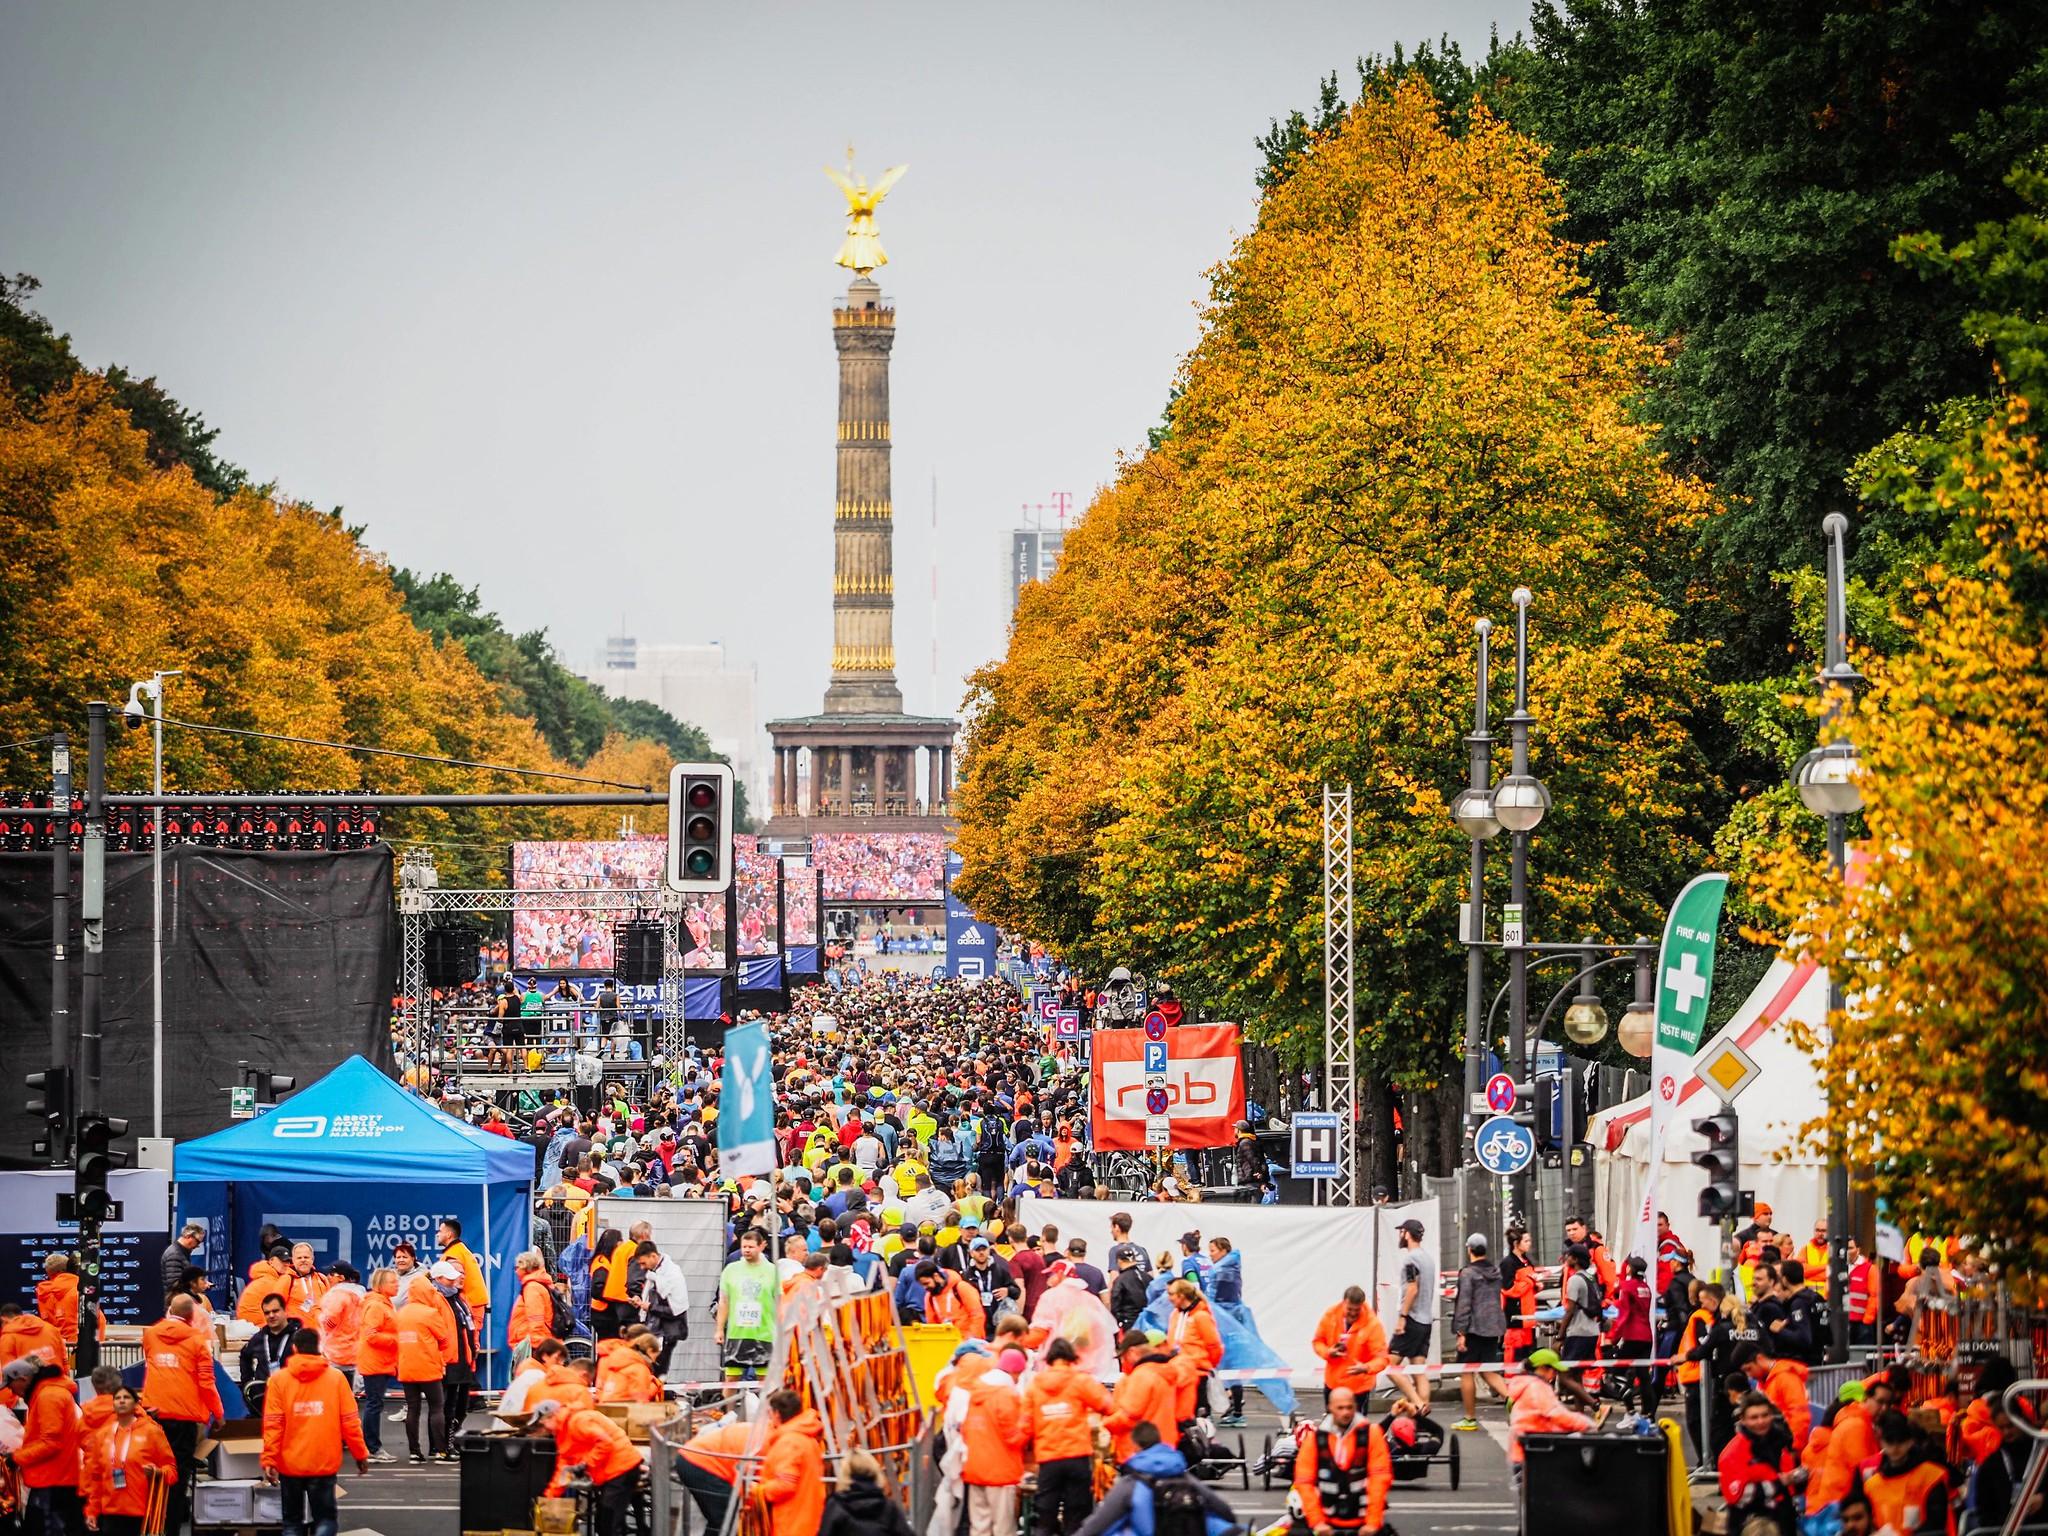 Correr el Maratón de Berlín - Berlin Marathon fotos photos - thewotme maratón de berlín - 49039069216 a79d538ff8 k - Correr el Maratón de Berlín: Análisis, recorrido, entrenamiento e inscripciones